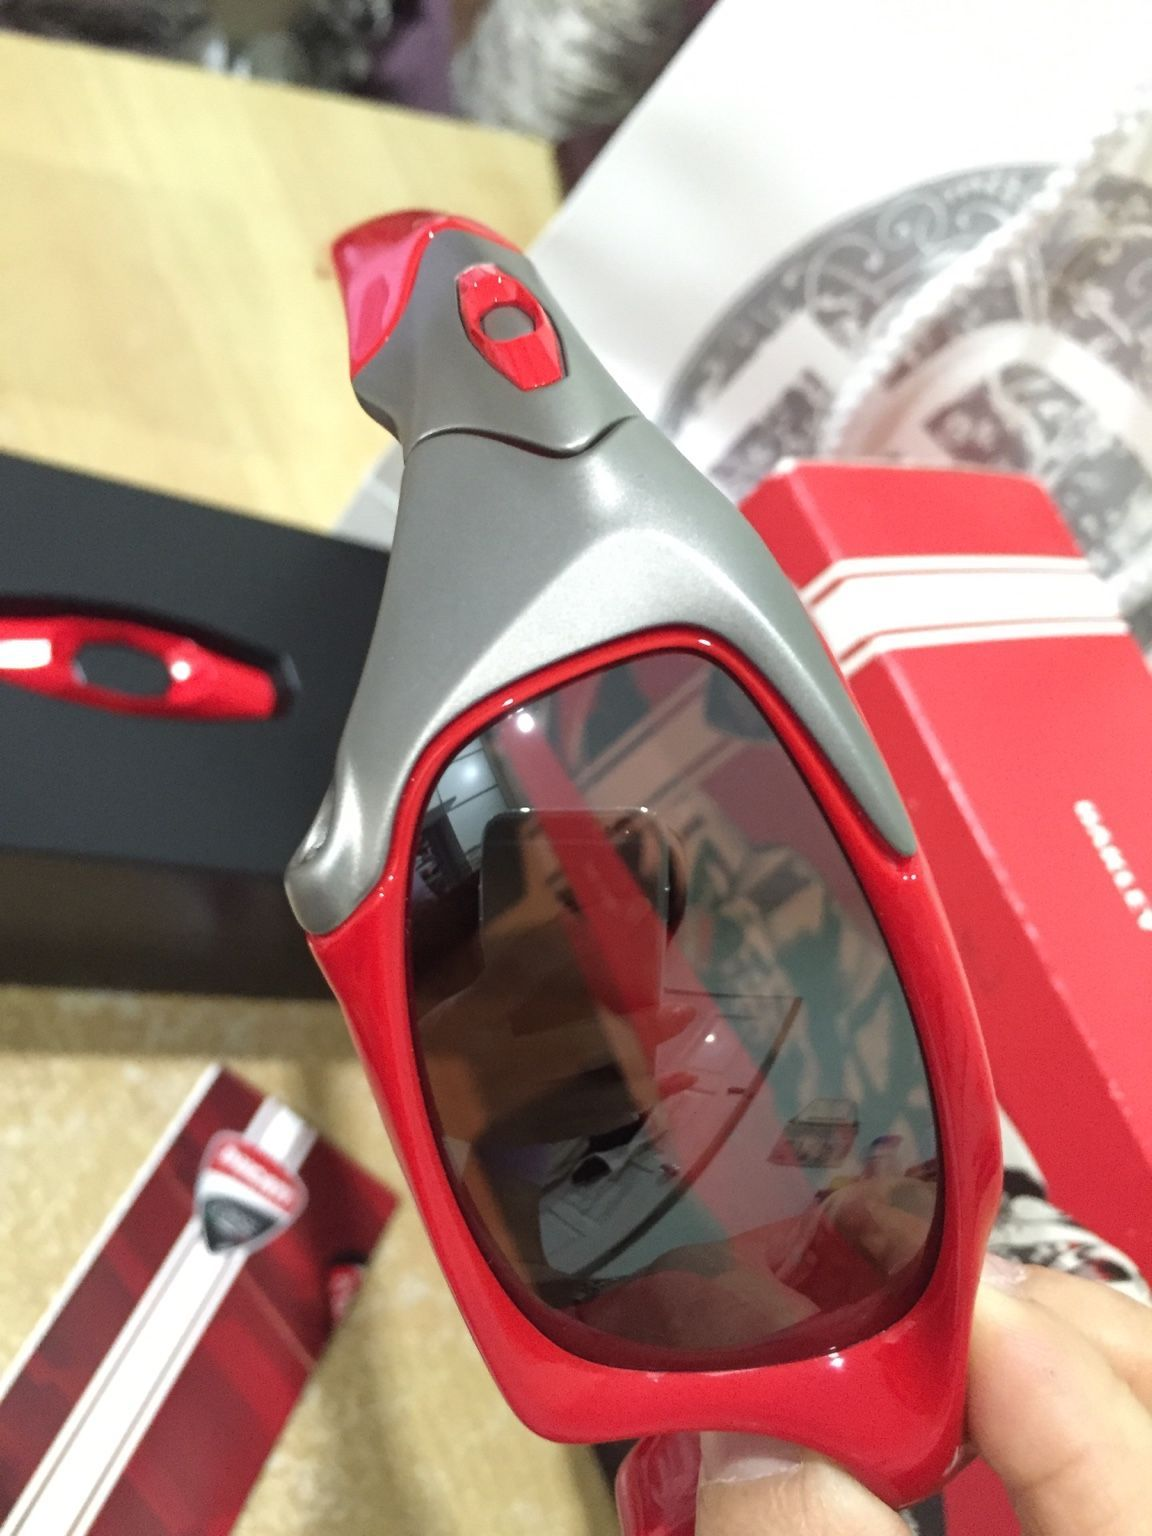 Oakley Ducati Pitboss - 0040851e4739f369c637880e4e3bbdab.jpg